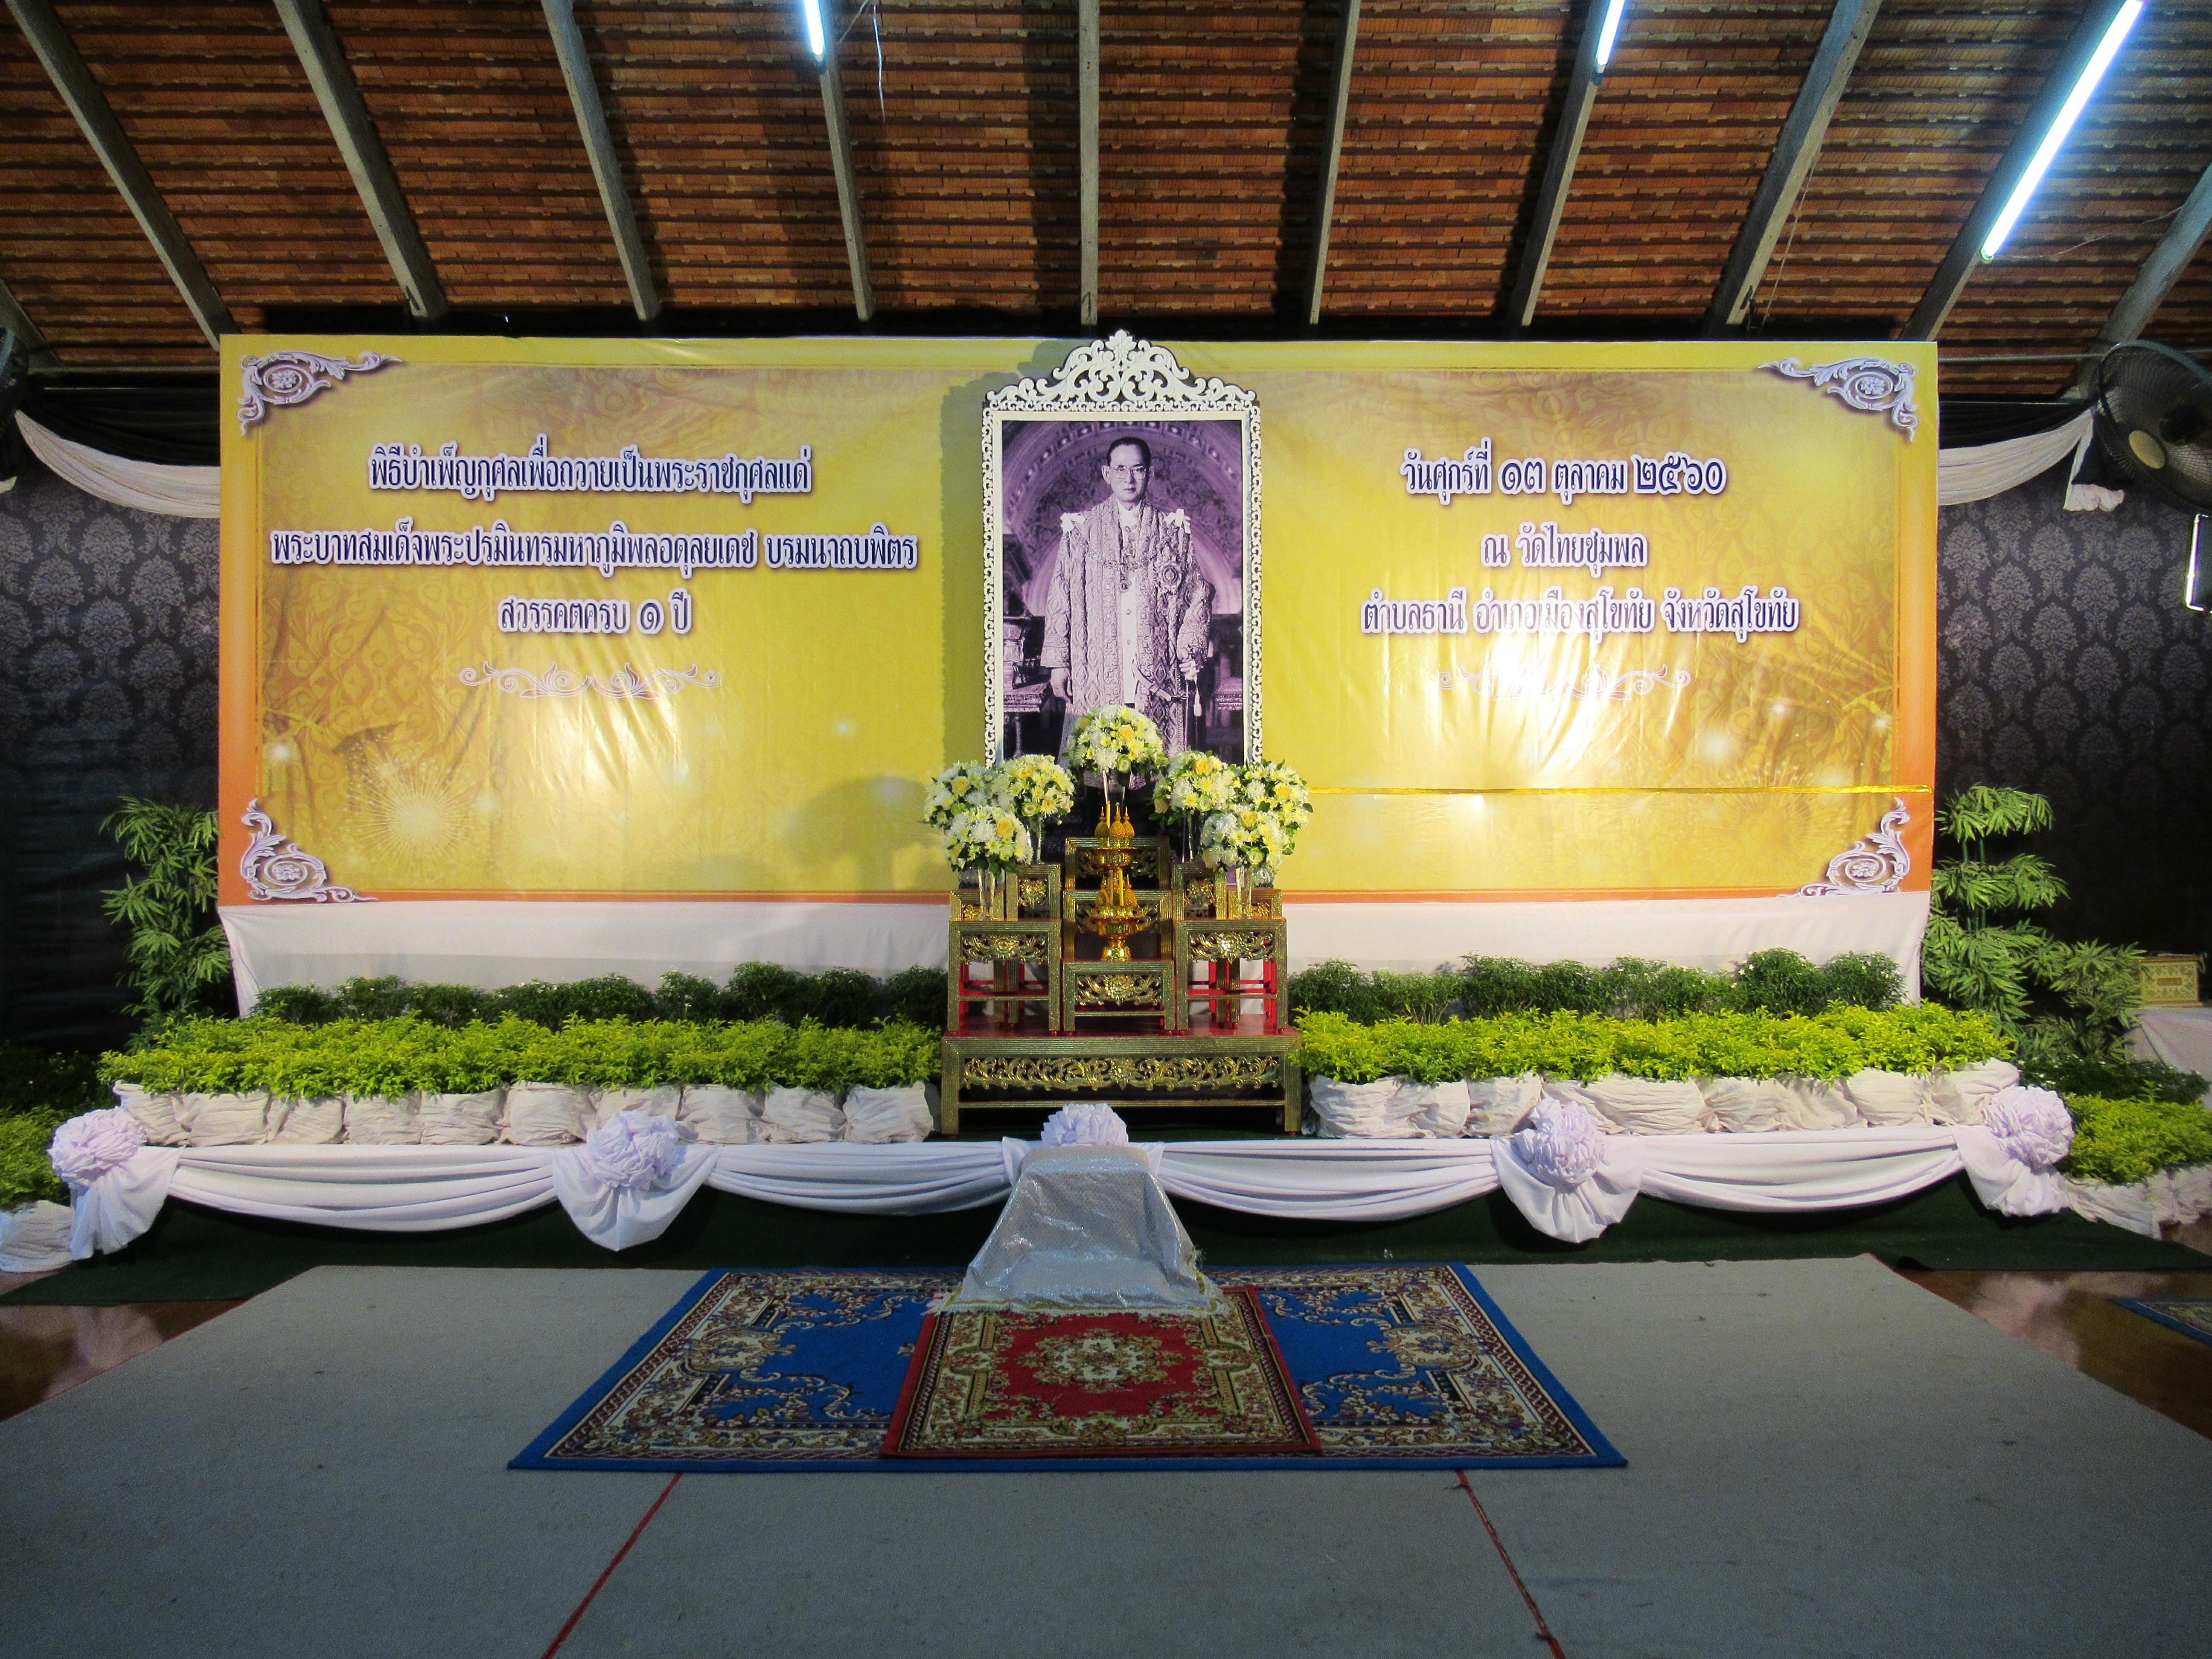 วันศุกร์ที่ ๑๓ ตุลาคม ๒๕๖๐ เวลา ๑๖.๓๐ น. นางสาวดวงกมล ยุทธเสรี ผู้อำนวยการสำนักศิลปากรที่ ๖ สุโขทัย แลพข้าราชการได้เข้าร่วมพิธีบำเพ็ญกุศลเพื่อถวายเป็นพระราชกุศลแด่ พระบาทสมเด็จพระปรมินทรมหาภูมิพลอดุลยเดช บรมนาถบพิตร สวรรคตครบ ๑ ปี โดยมีนายพิพัฒน์ เอกภาพันธ์